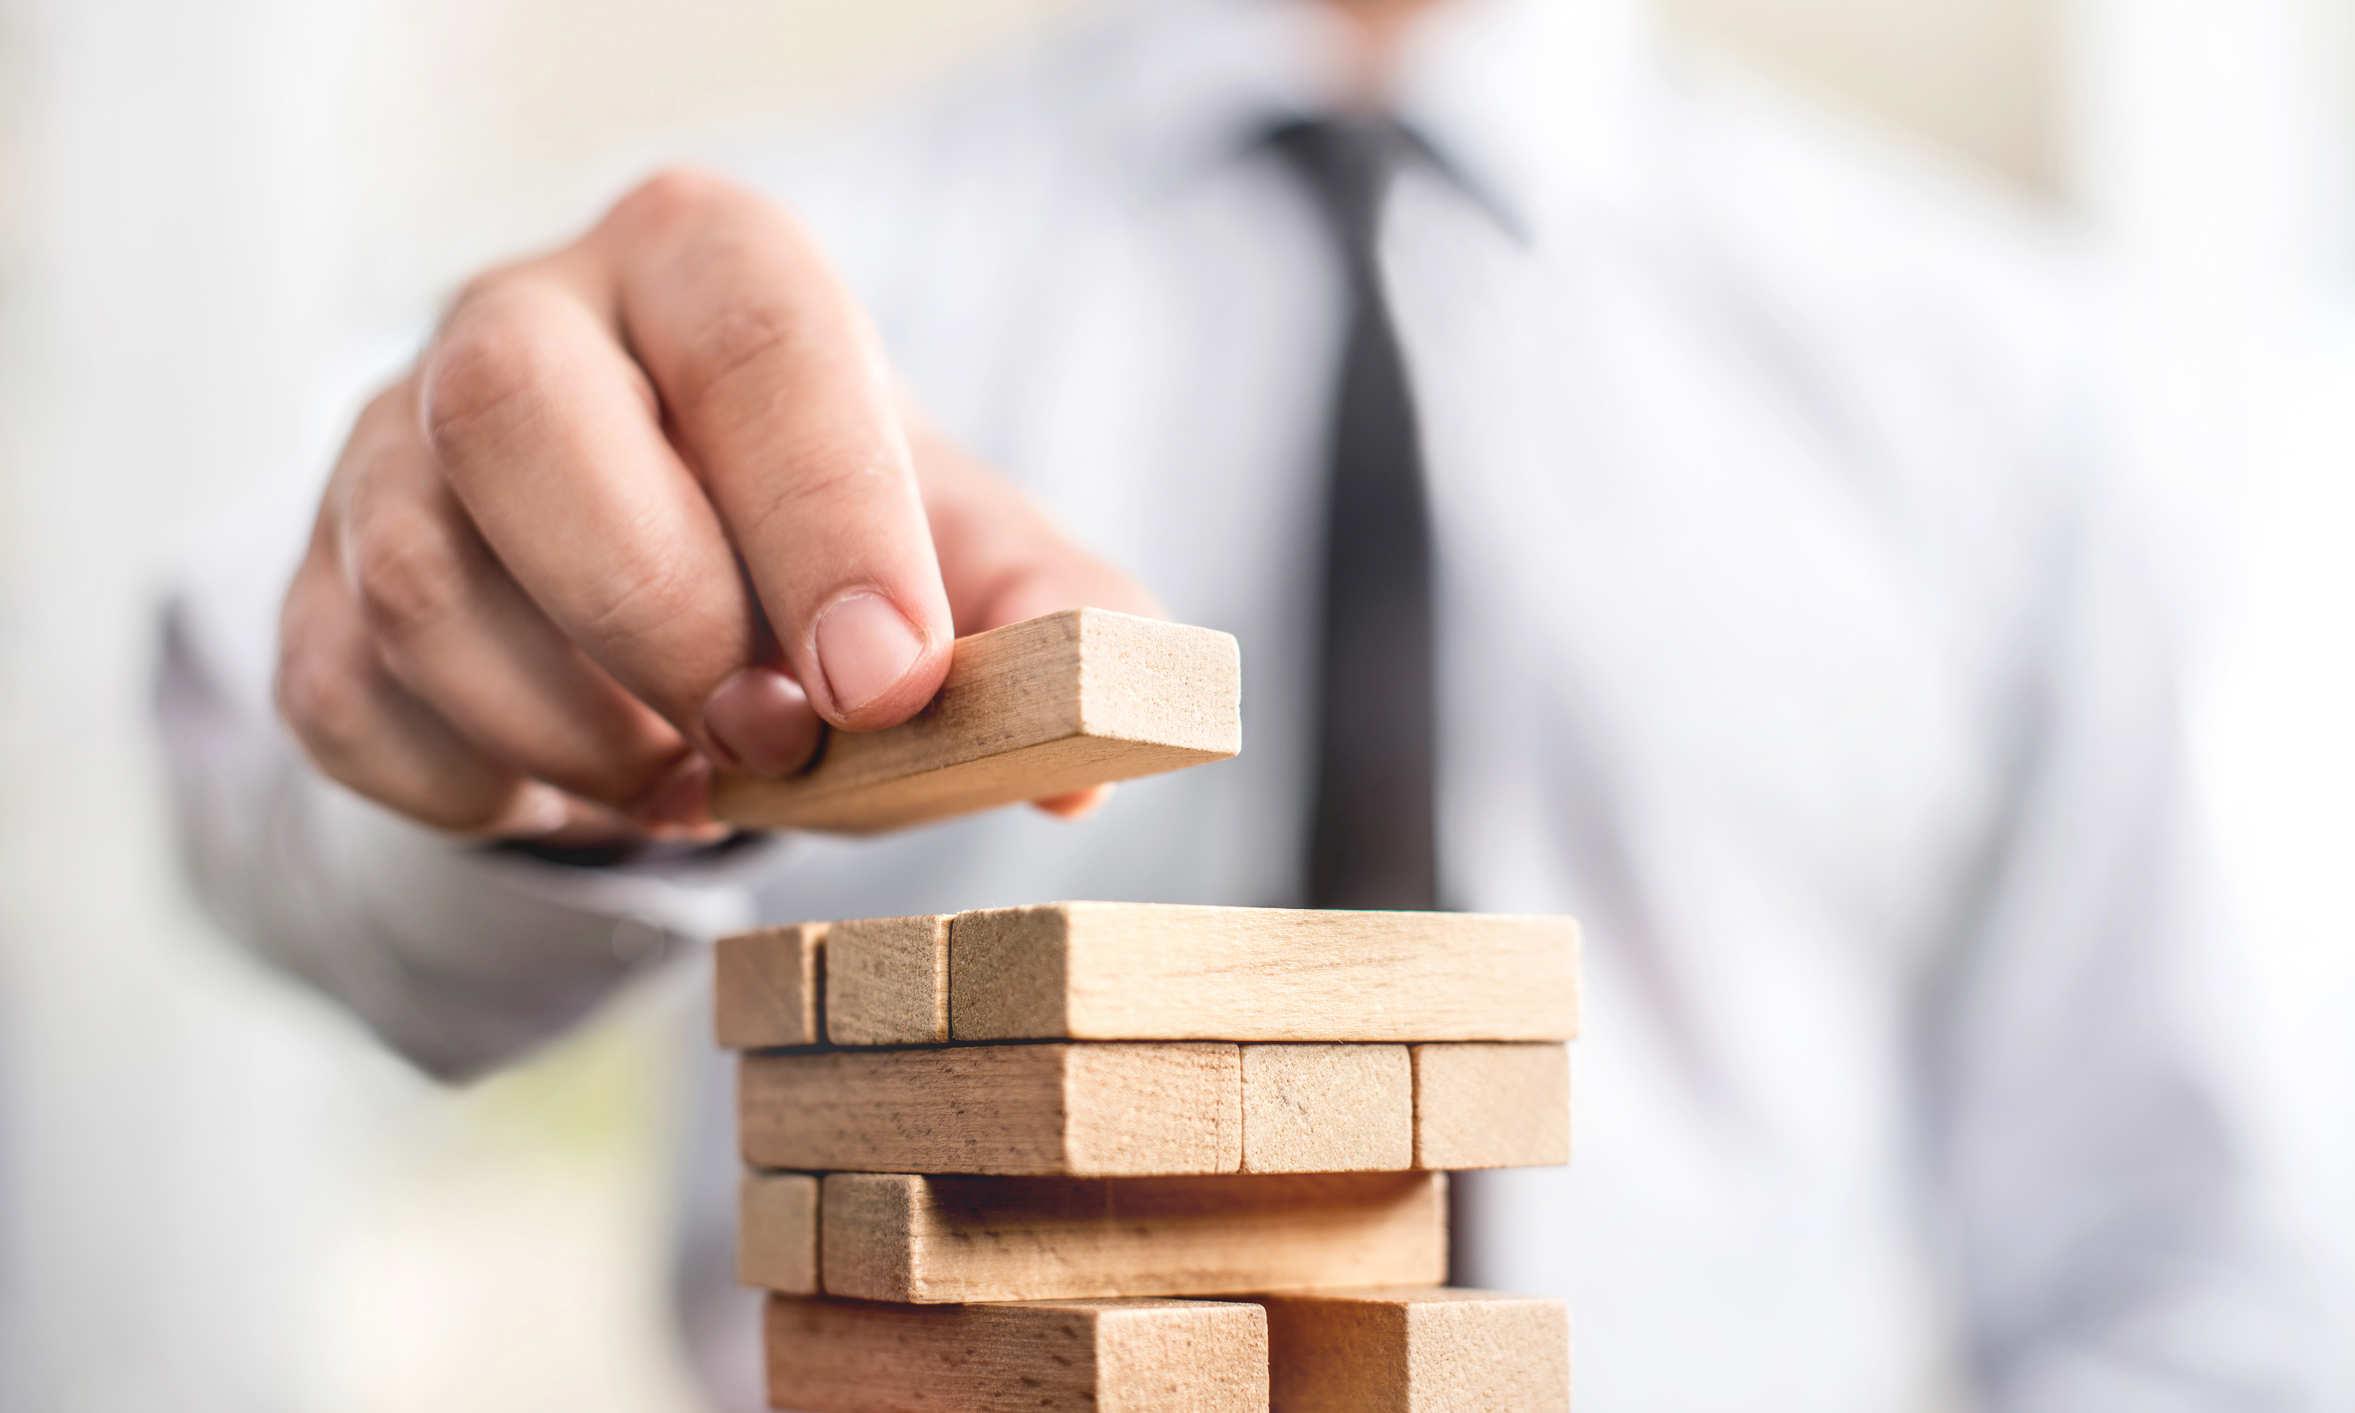 Geschäftsmann stapelt Holzbausteine zu einem Turm - bildlich für strategische Überlegungen bei Schenkungen und Erbschaftssteuer